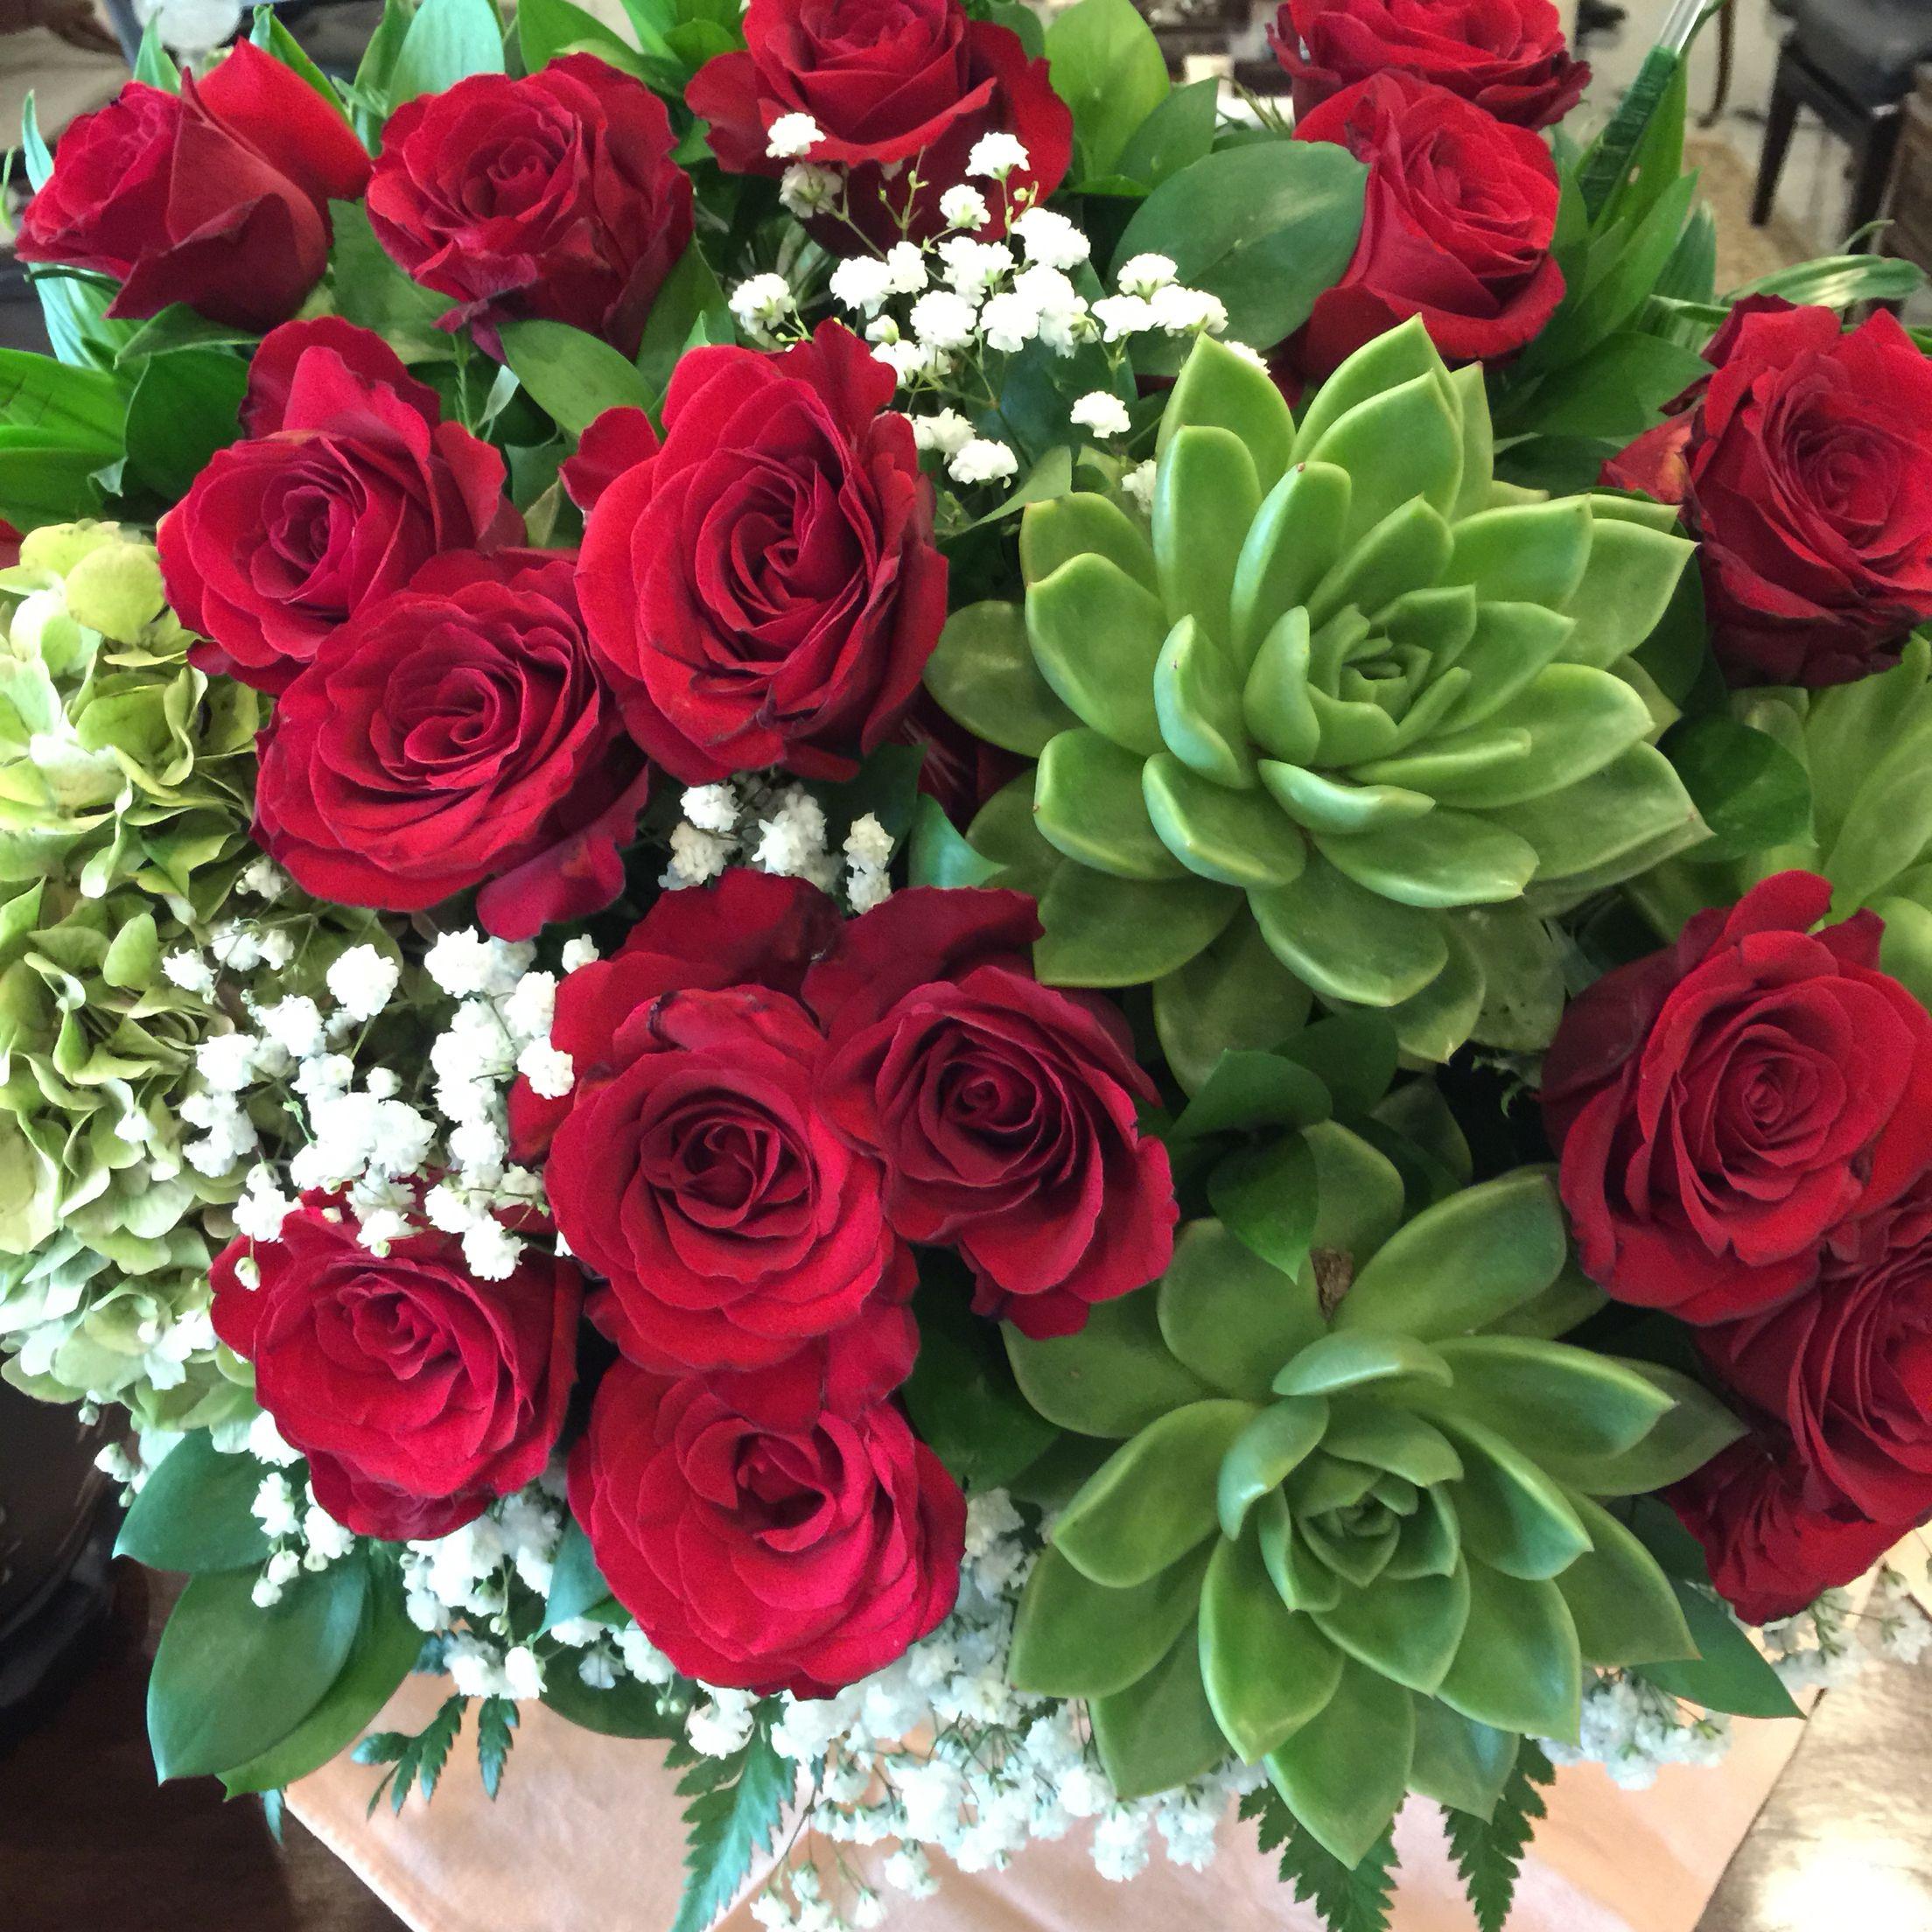 Flower arangements by Windy Florist, Jakarta, Indonesia